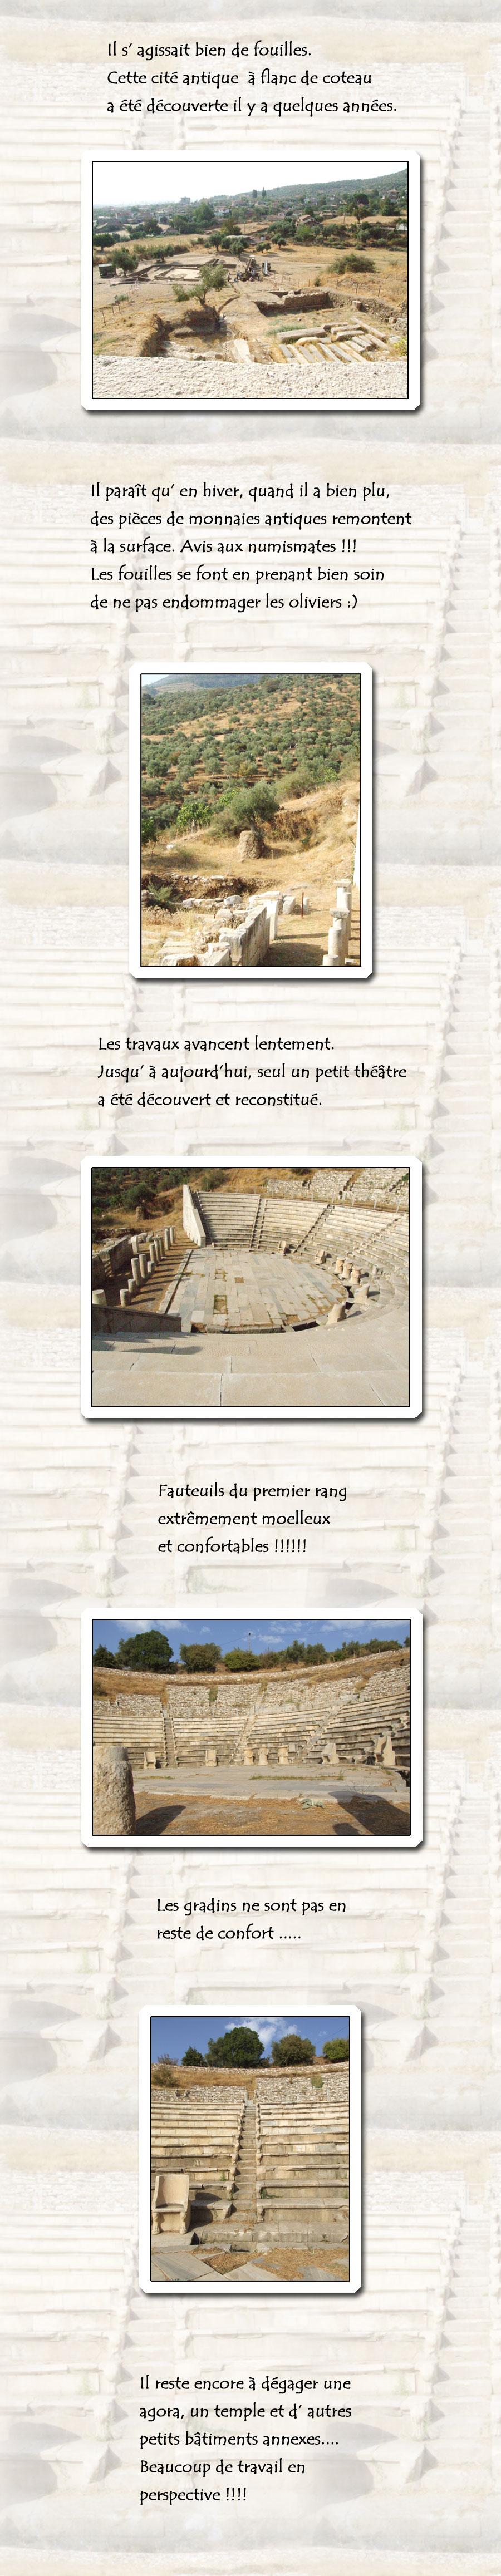 Fouilles archéologiques sur le site de Metropolis.